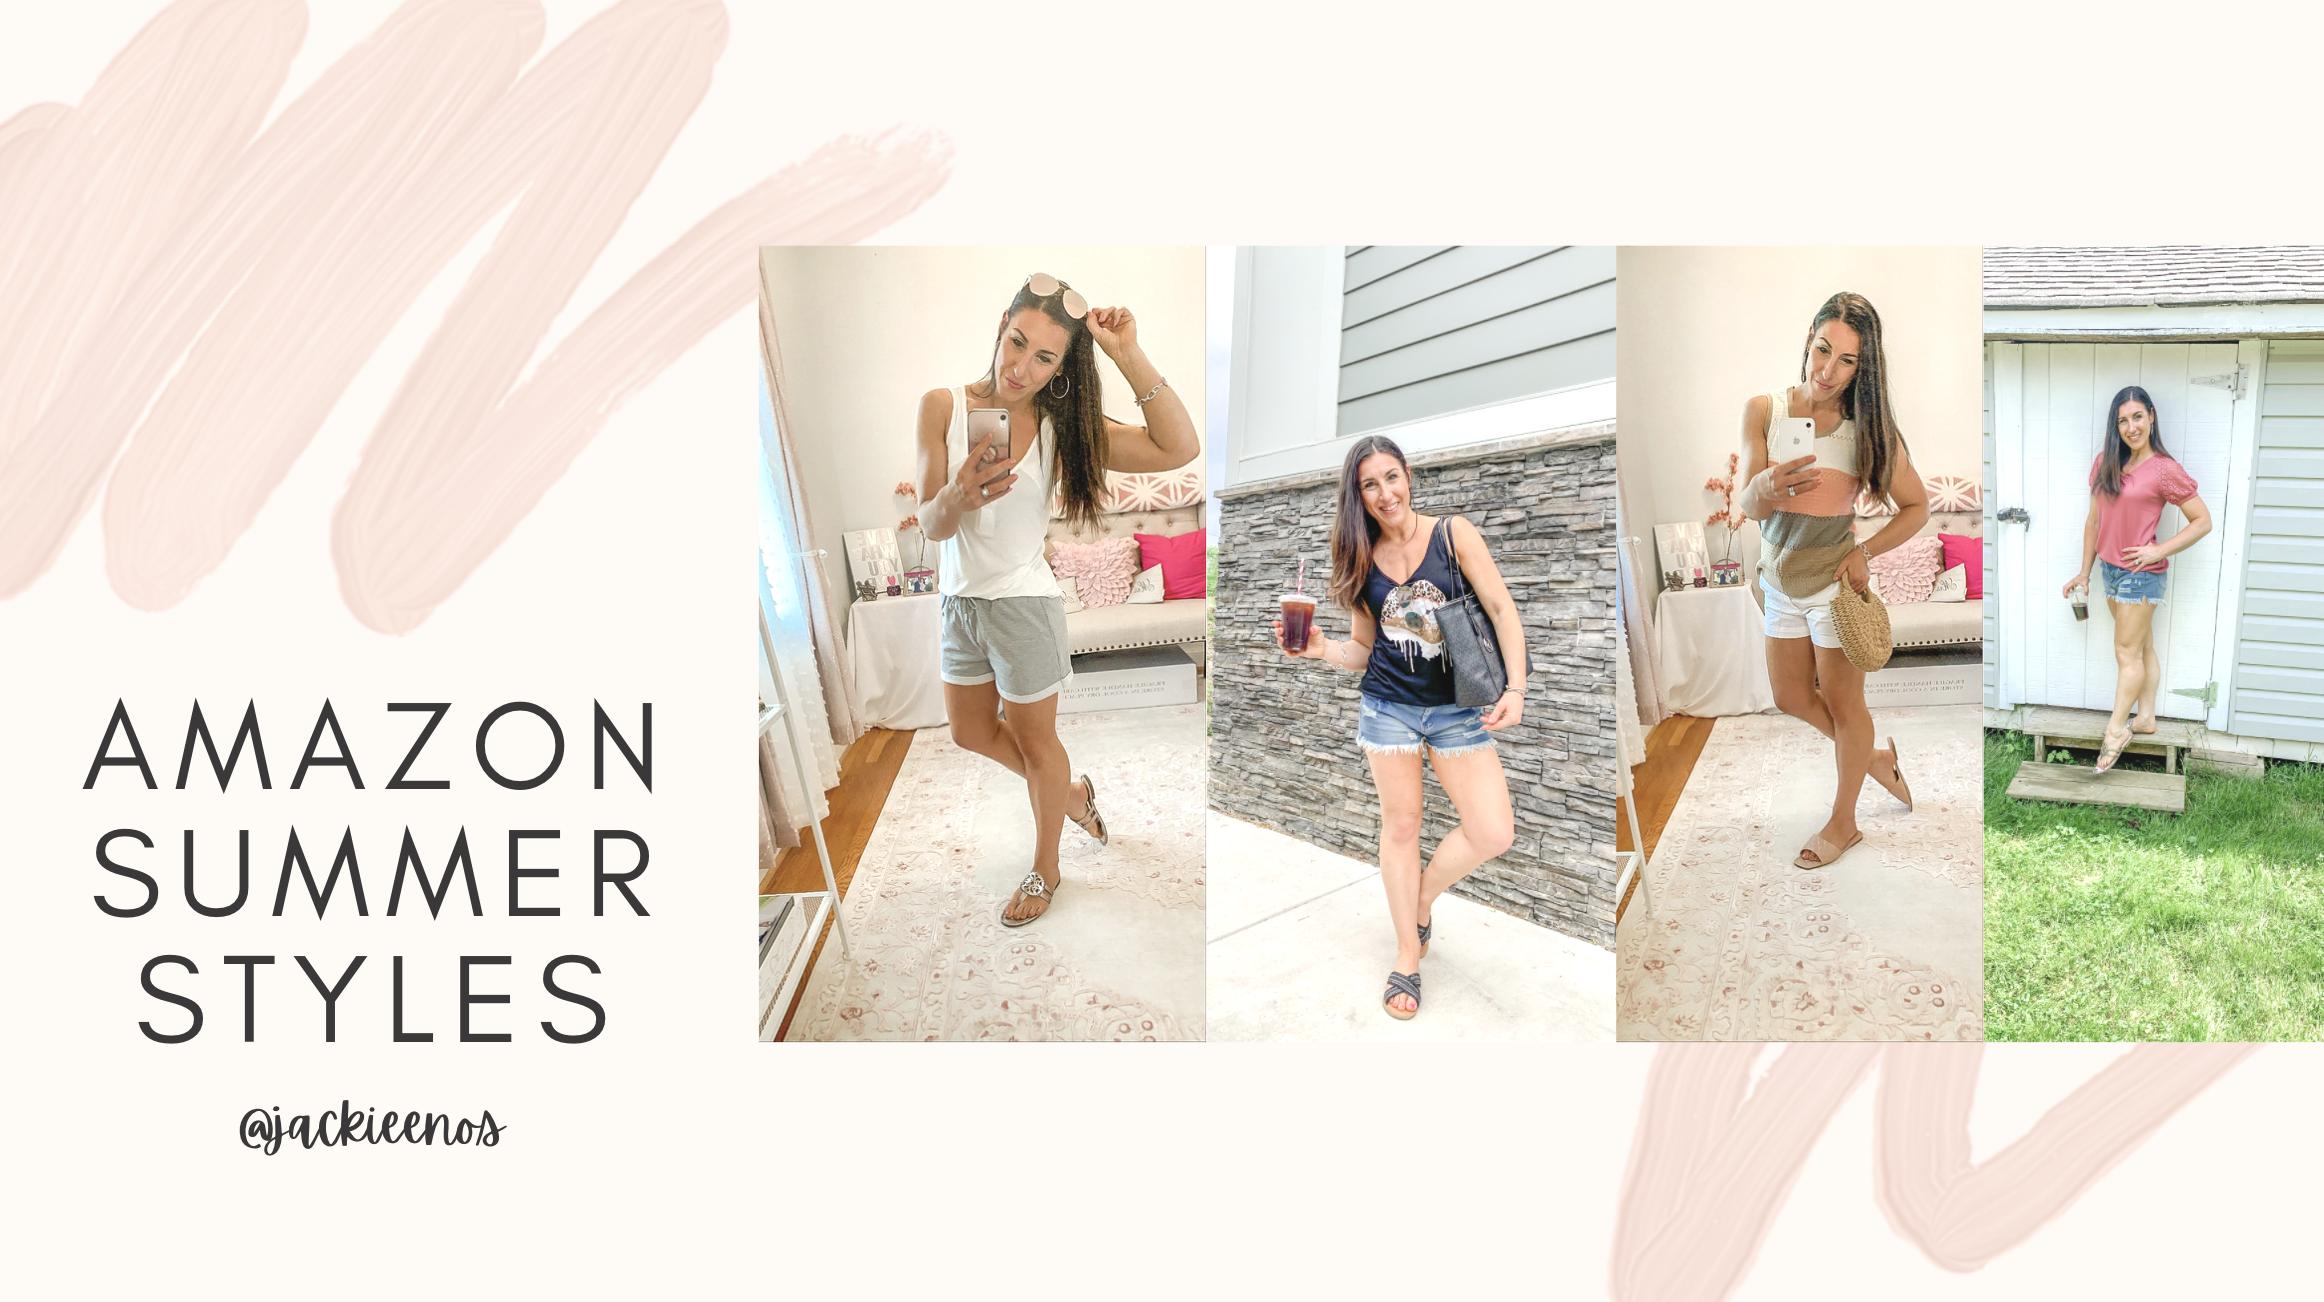 amazon summer styles